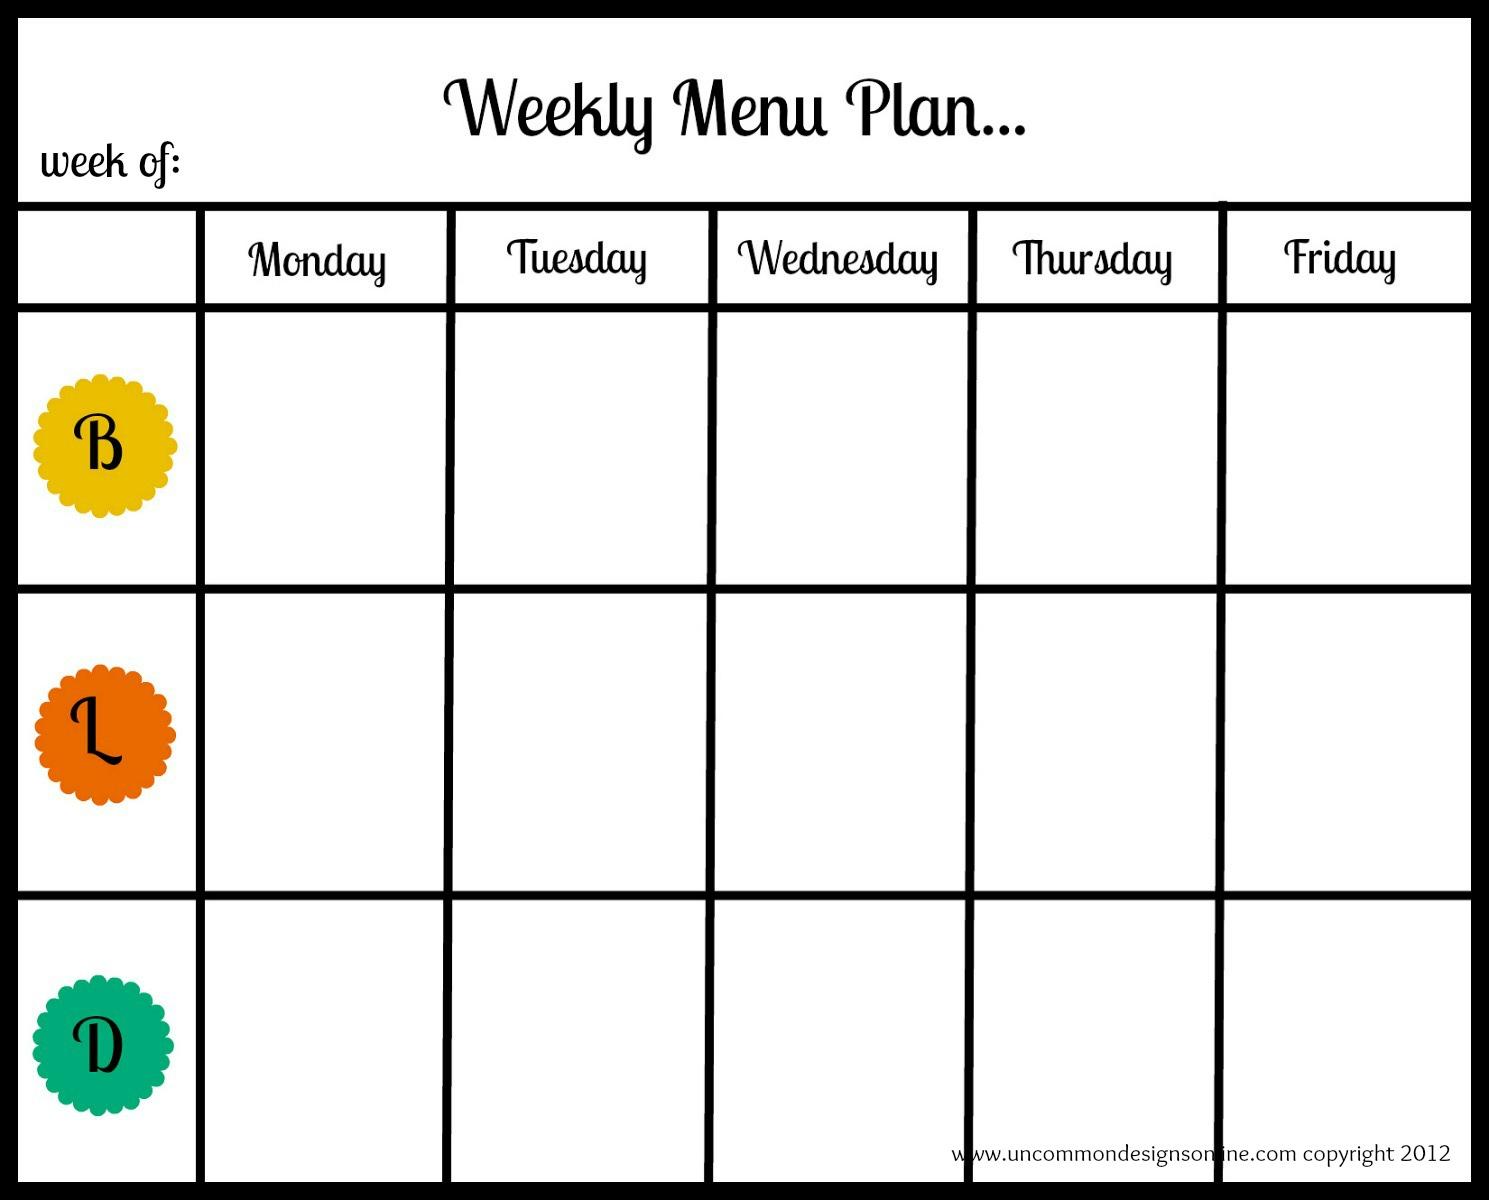 breakfast lunch and dinner menu template - top diet foods healthy eating menu plan